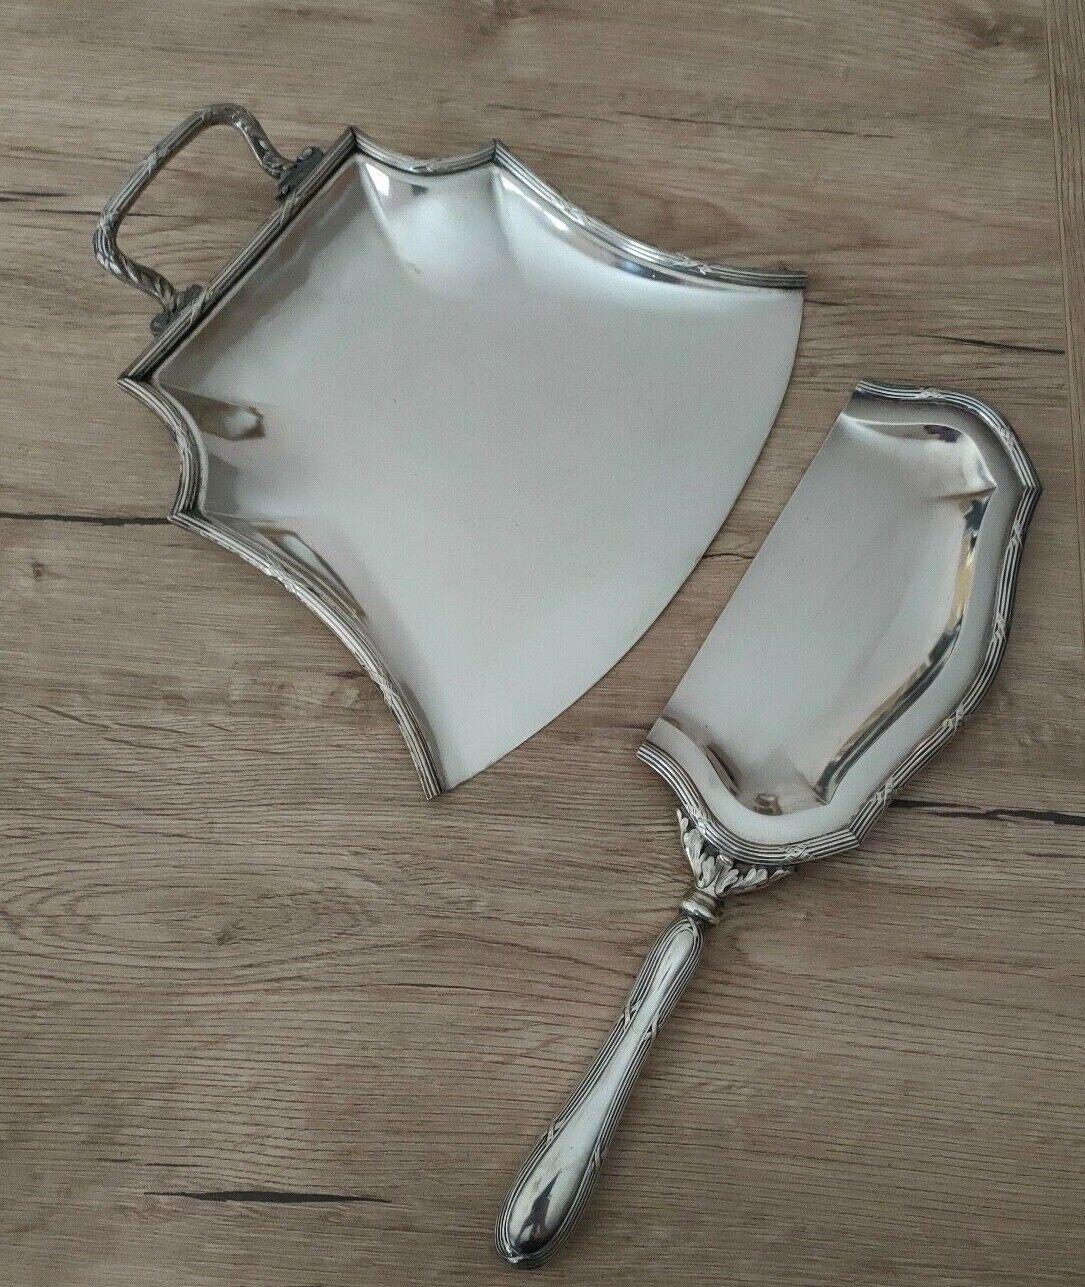 Ramasse miette ancien en métal argenté avec poinçon